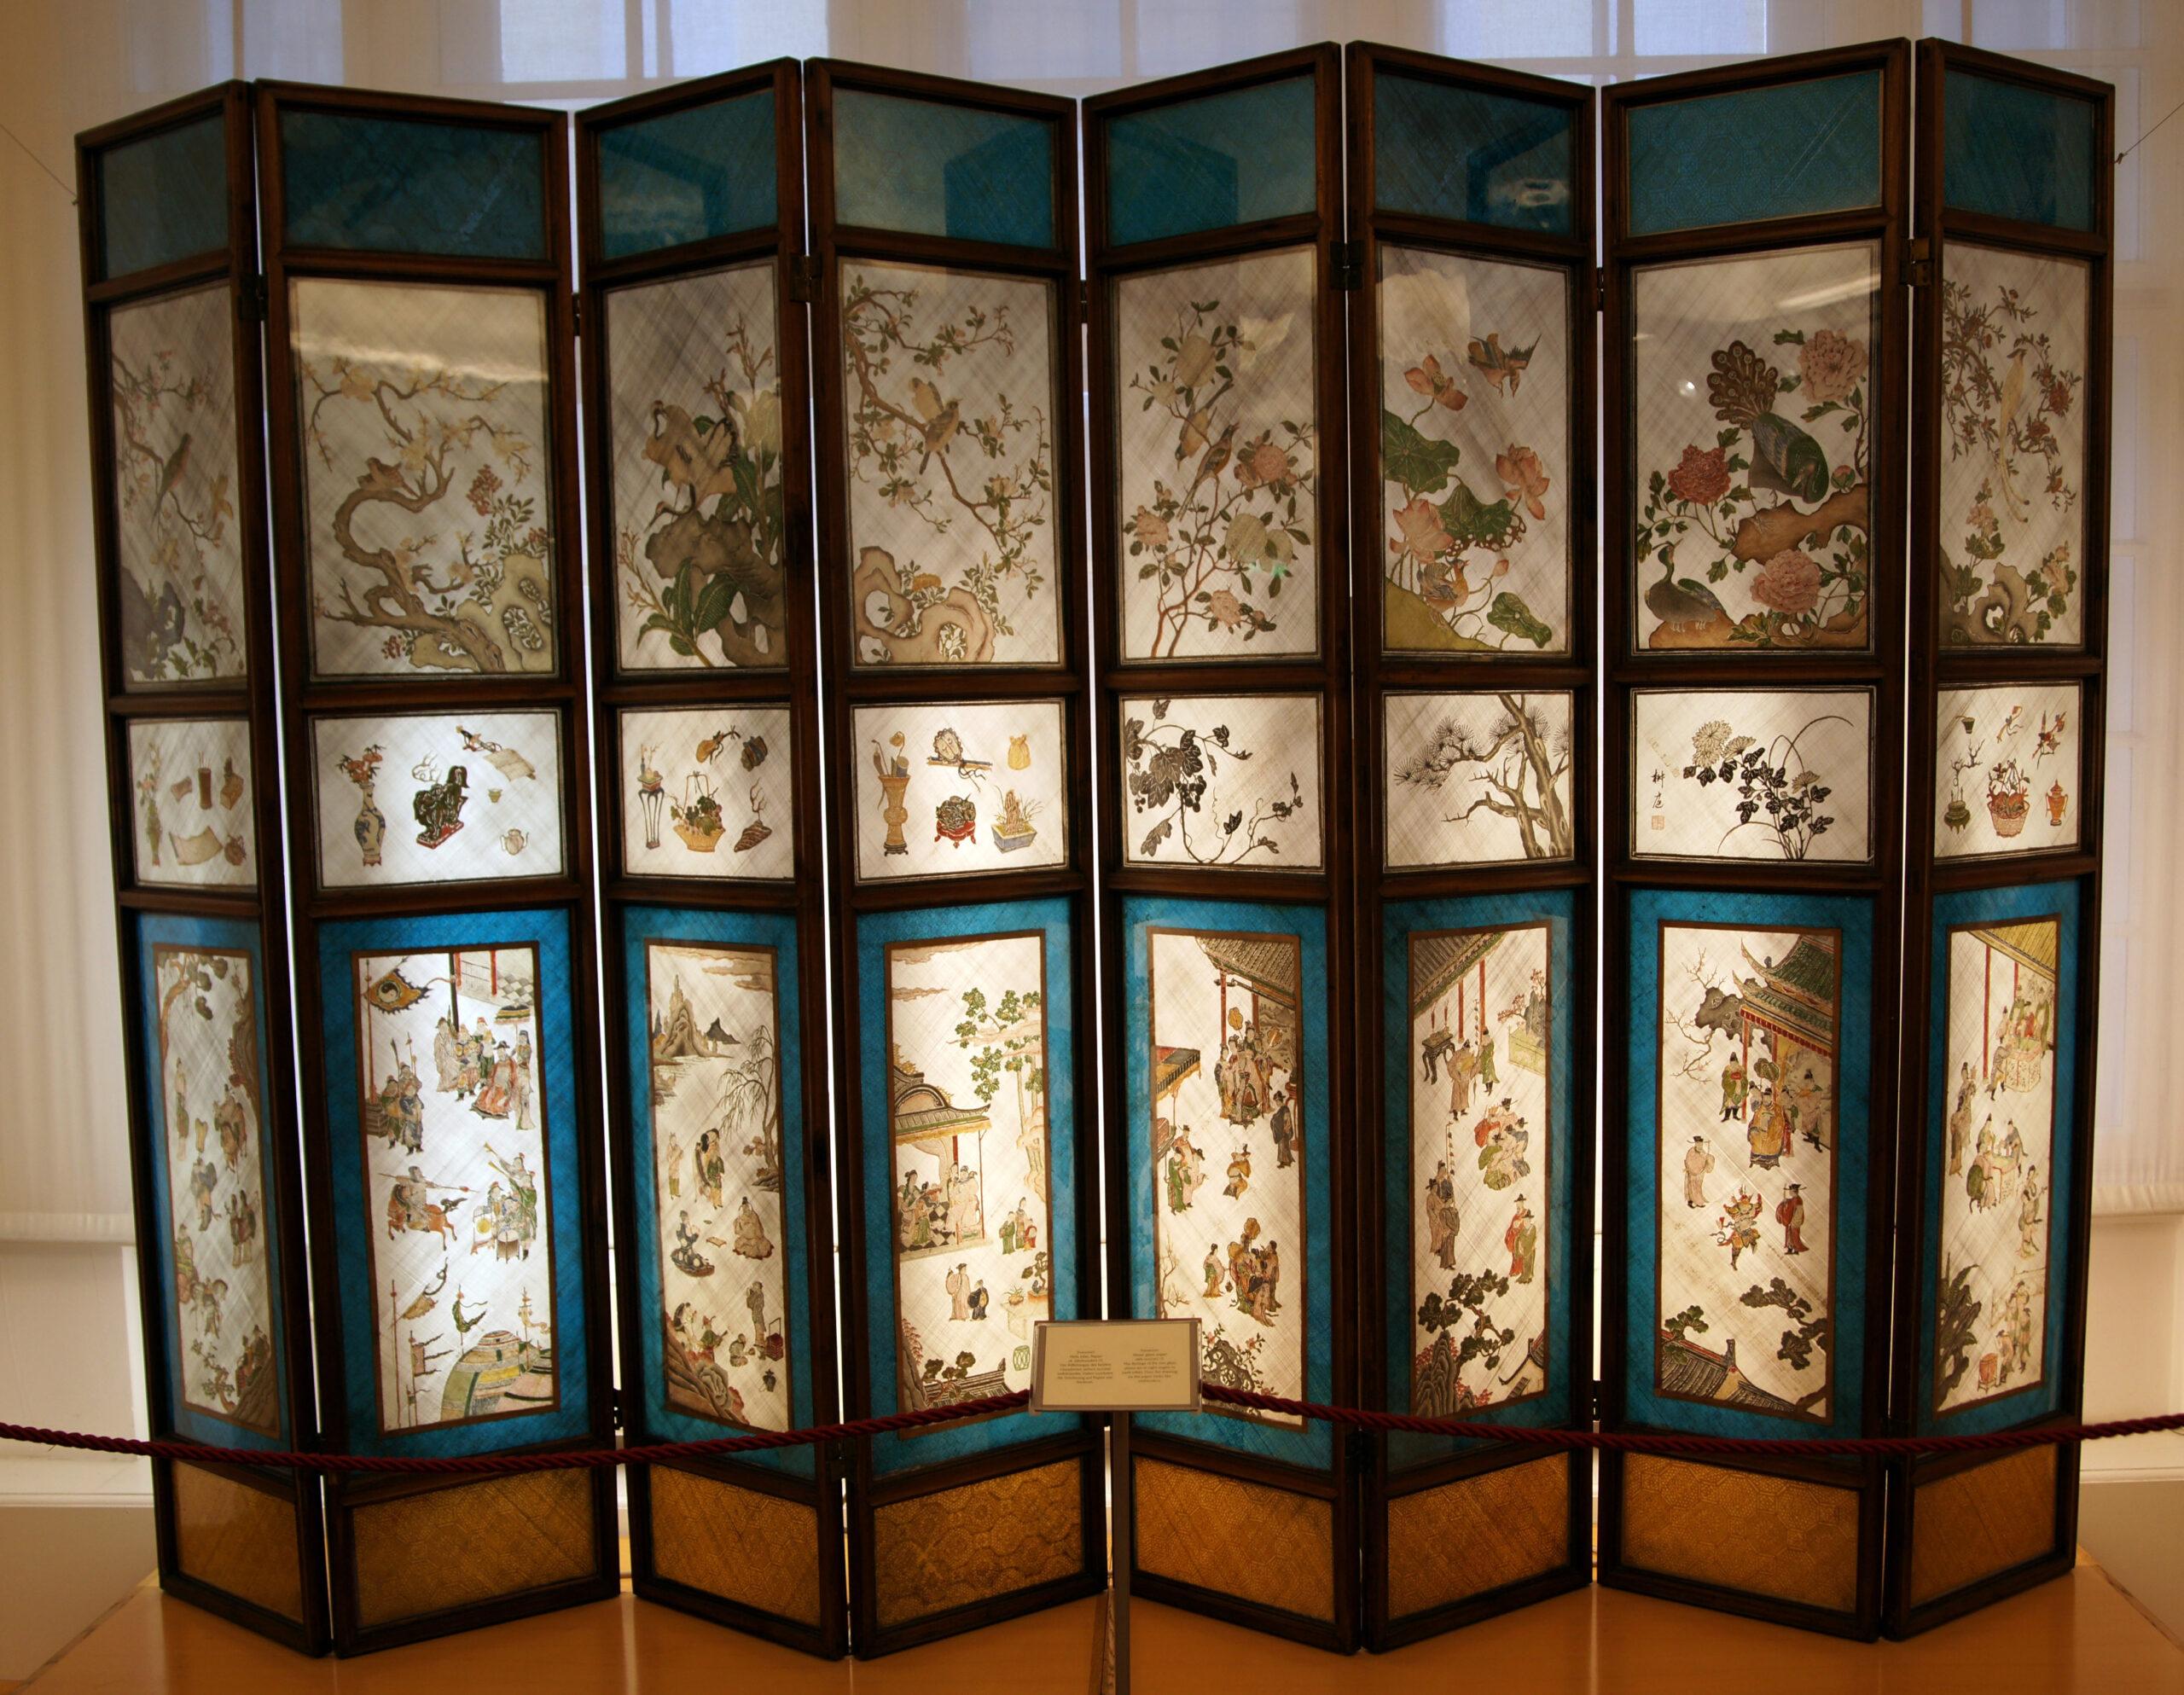 Full Size of Bambus Paravent Garten Spanische Wand Wikipedia Zeitschrift Schwimmingpool Für Hochbeet Pavillon Whirlpool Sonnensegel überdachung Aufblasbar Sonnenschutz Wohnzimmer Bambus Paravent Garten